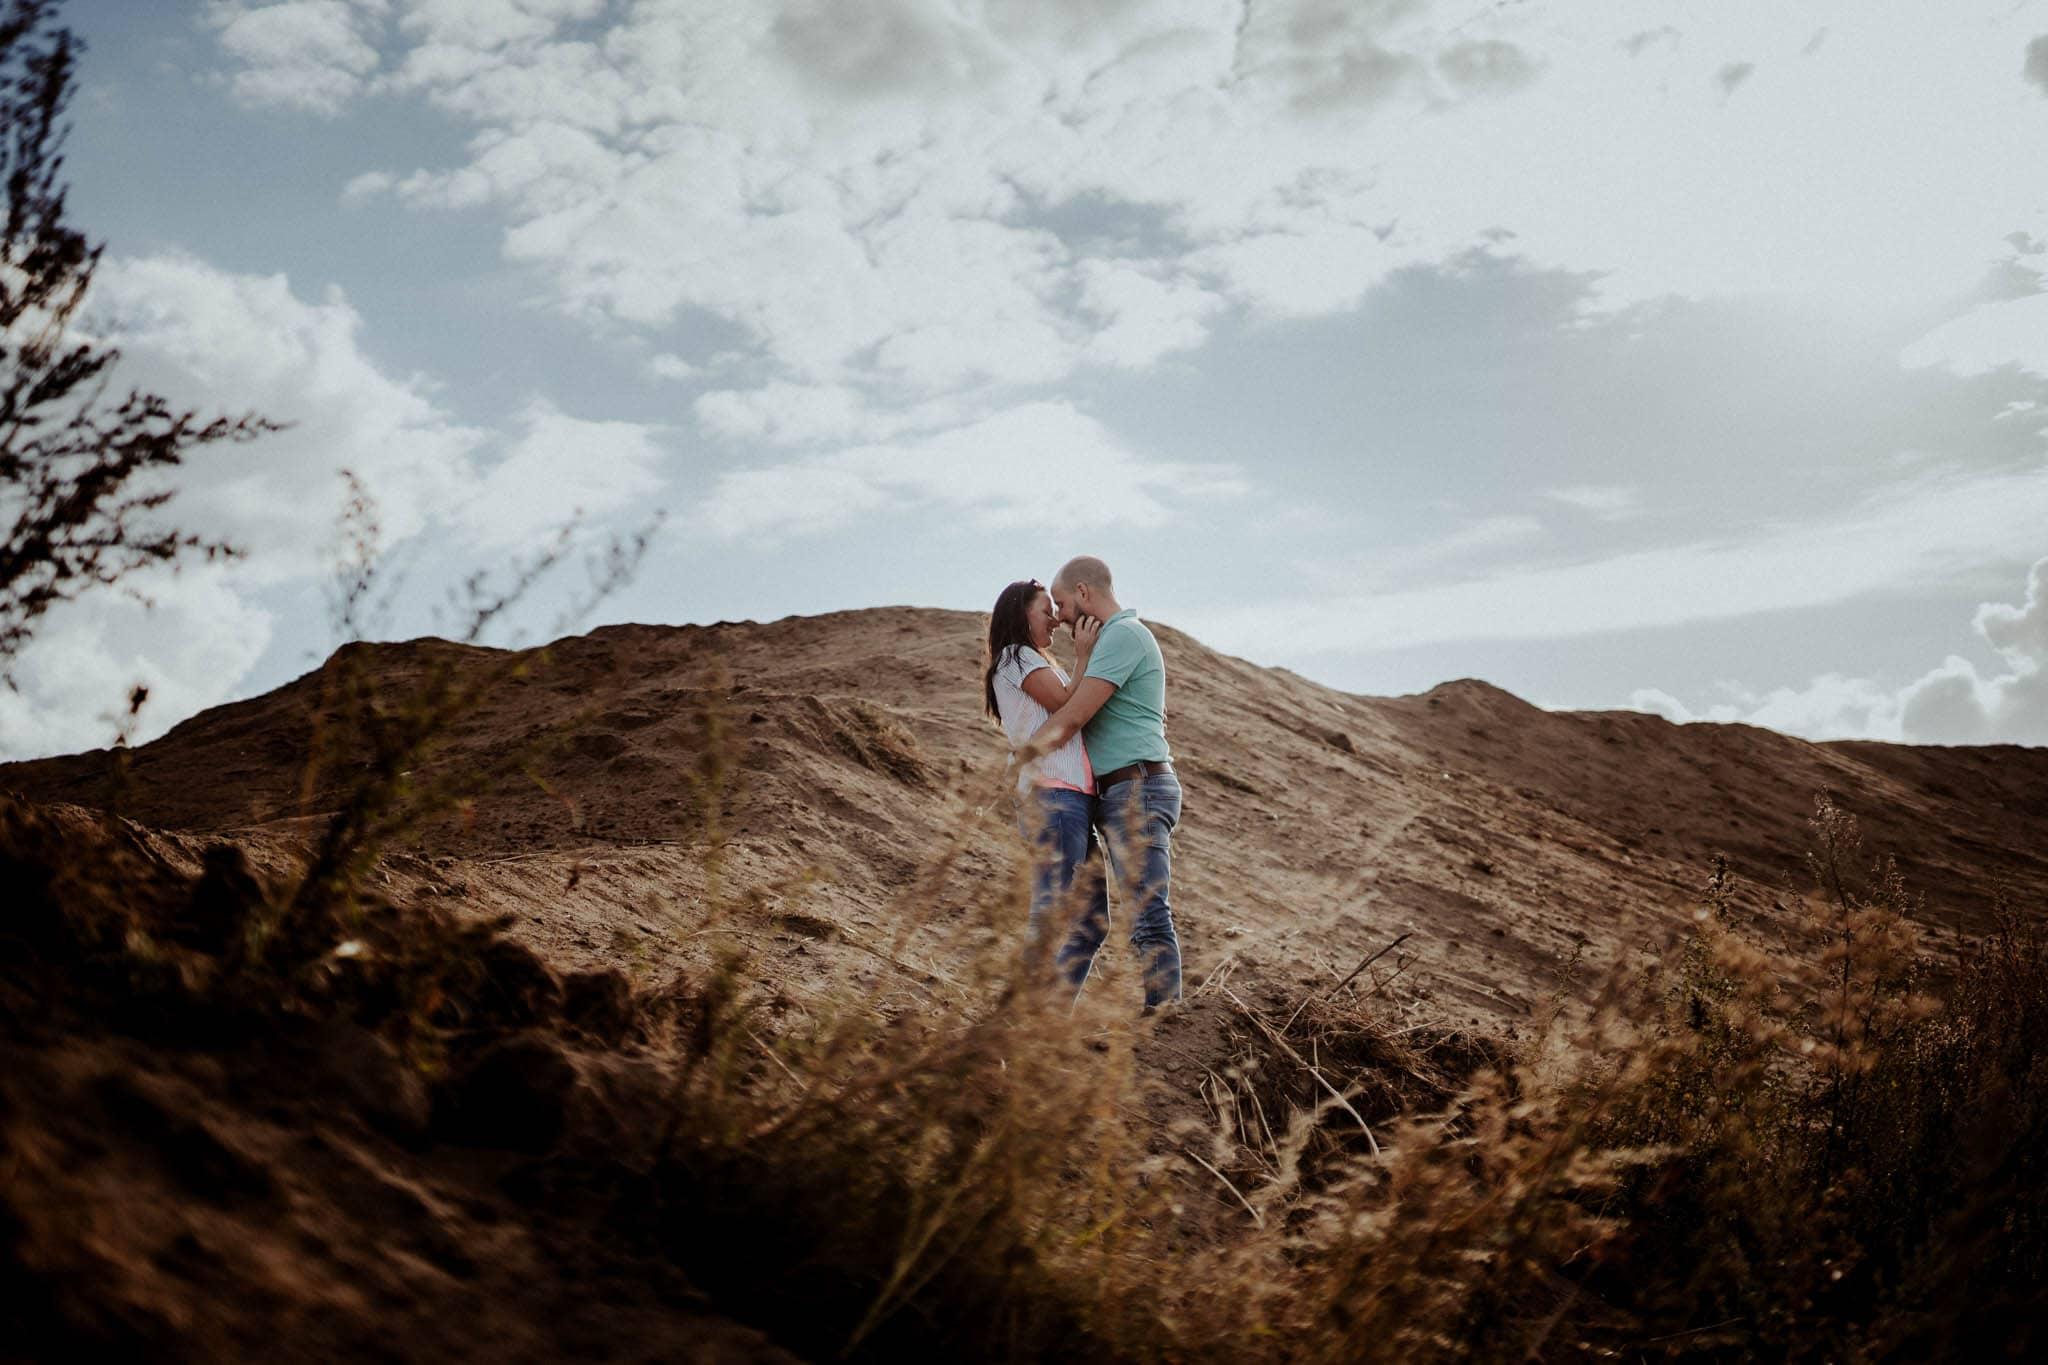 Engagementshoot Hochzeitsfieber by Photo-Schomburg, coupleshoot, paarshooting, zarrentin, wedding2018,wedding, hochzeitsfotograf, hamburg, braut, bräutigam, hochzeitstag-8